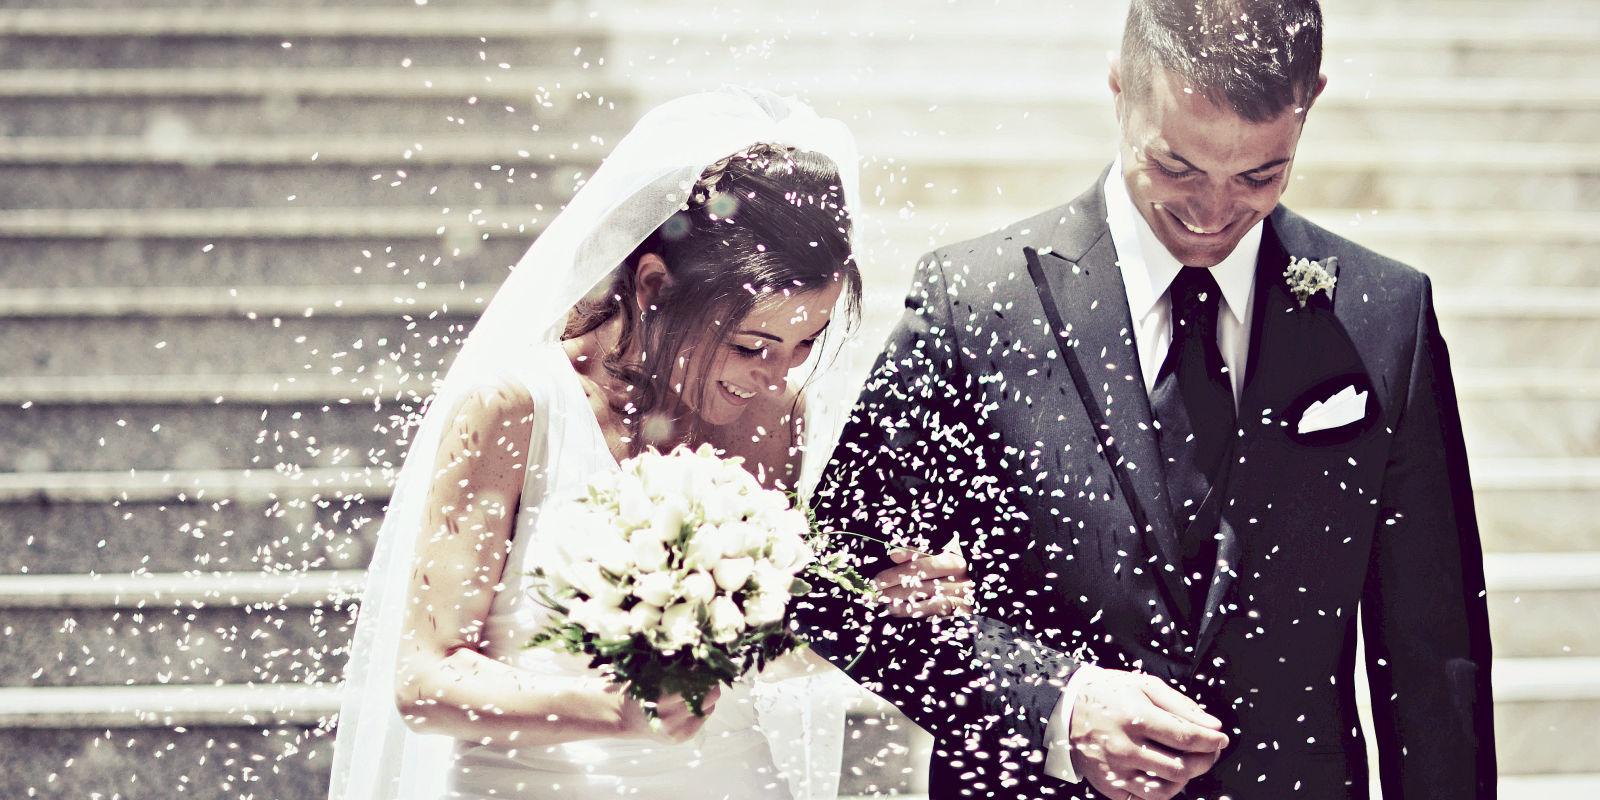 идеальный партнер для супружества